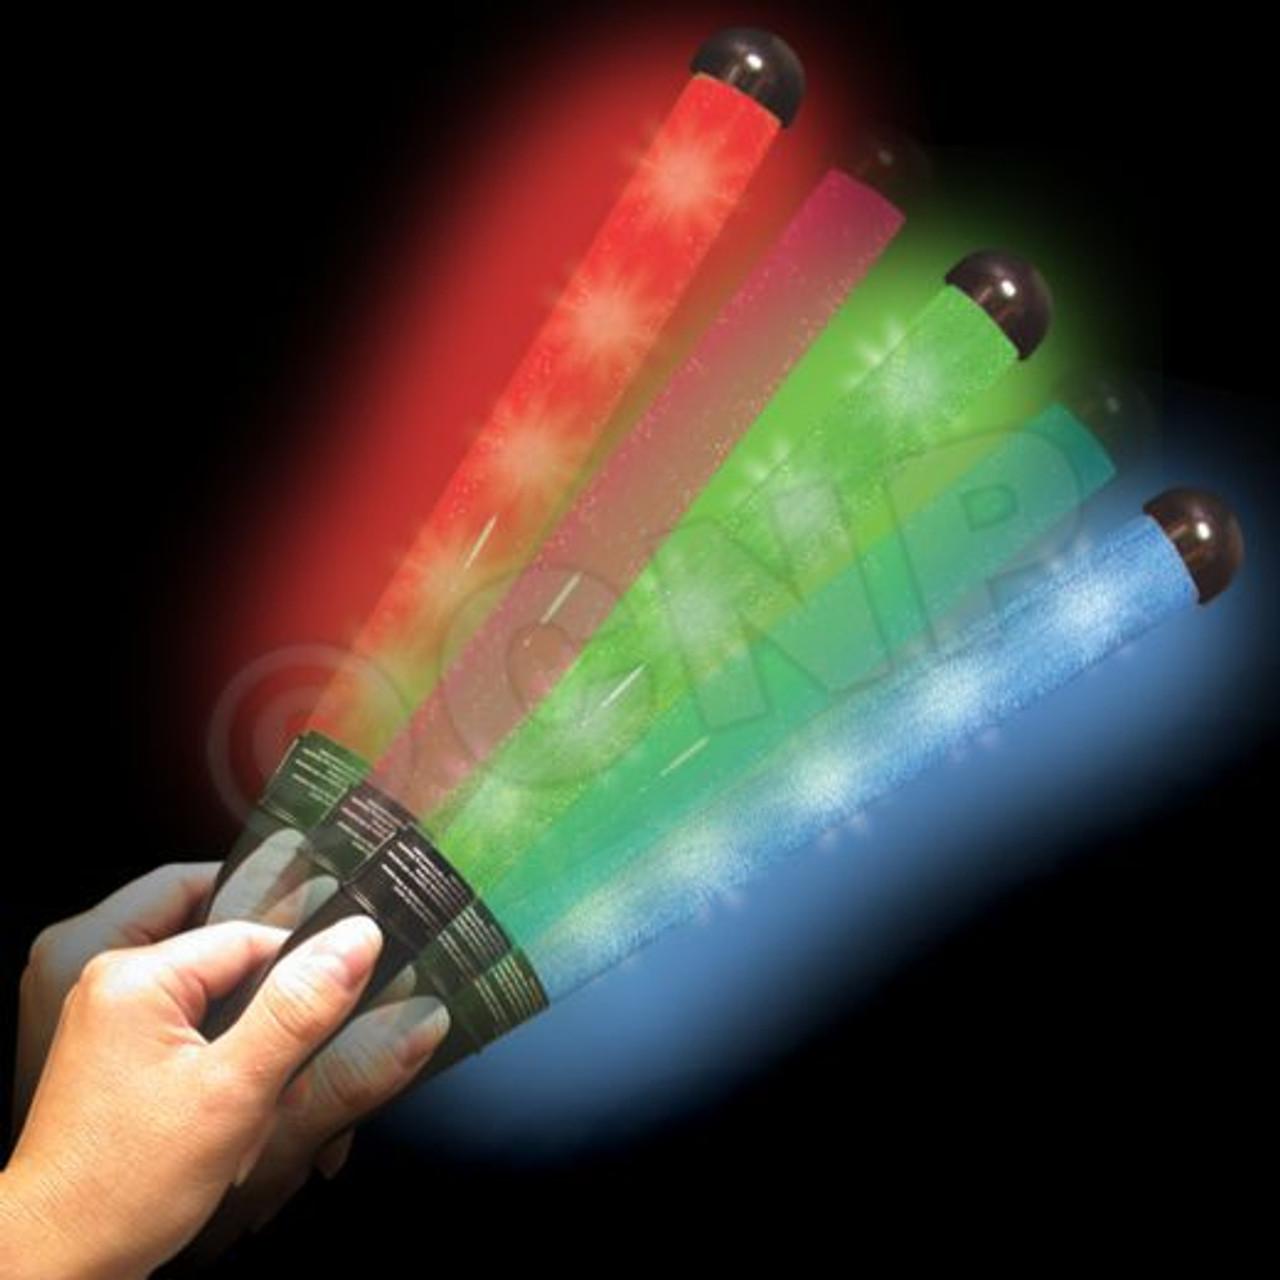 LED, wand, stick, baton, rave, club, dance, bar, led, light, stix, rave, lit, lite, glow, wand, baton,